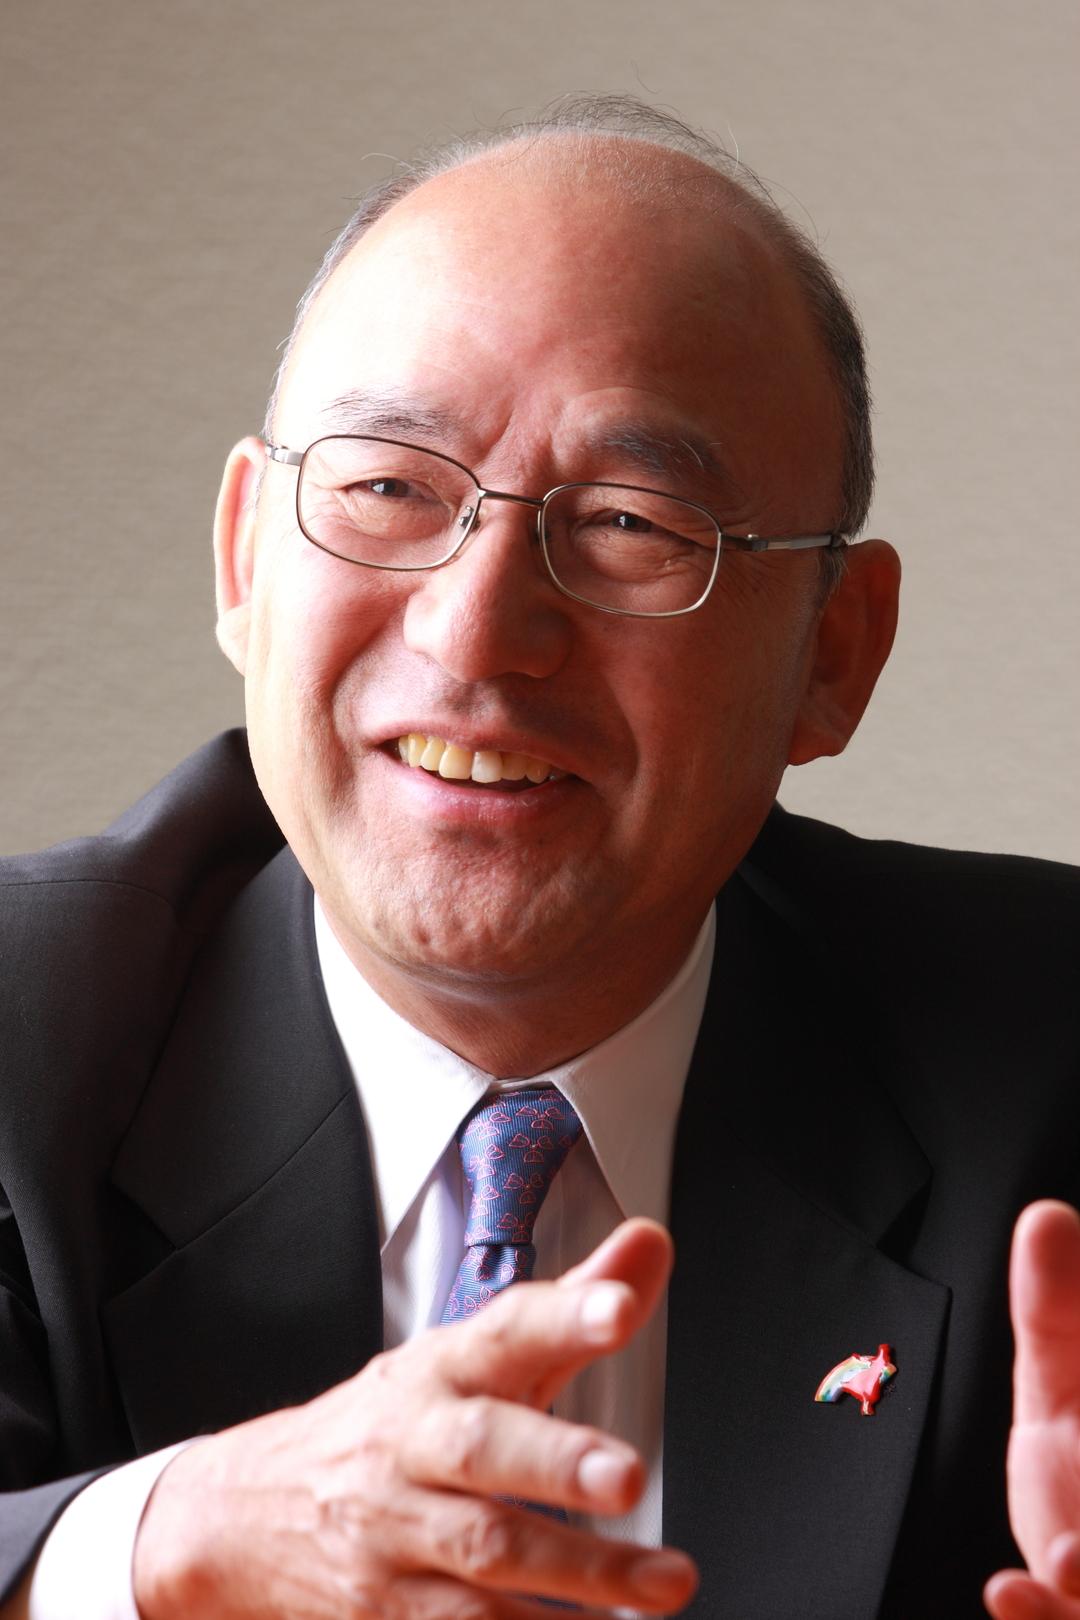 福島スパリゾートハワイアンズが震災から復活した「創意工夫経営」